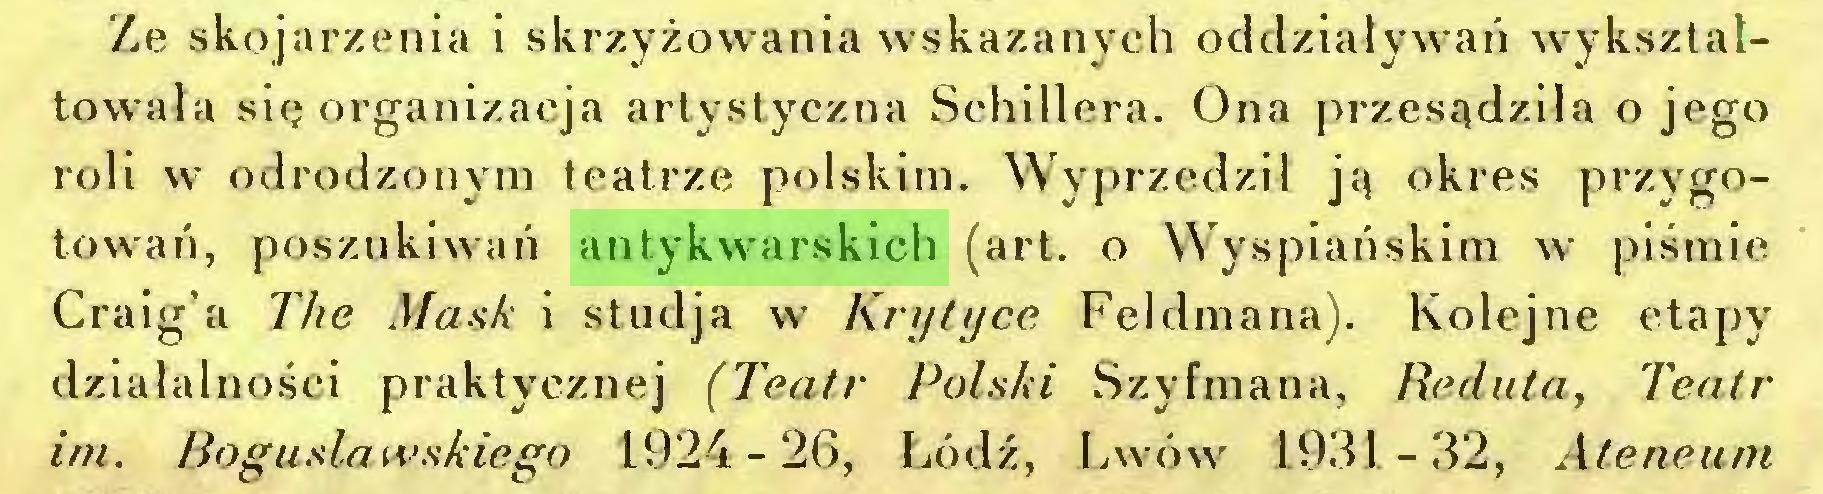 (...) Ze skojarzenia i skrzyżowania wskazanych oddziaływań wykszlałtowała się organizacja artystyczna Schillera. Ona przesądziła o jego roli w odrodzonym teatrze polskim. Wyprzedził ją okres przygotowań, poszukiwań antykwarskich (art. o Wyspiańskim w piśmie Craig'a The Mask i studja w Krytyce Feldmana). Kolejne etapy działalności praktycznej (Teatr Polski Szyfmana, Reduta, Teatr im. Bogusławskiego 1924-26, Łódź, Lwów 1931-32, Ateneum...